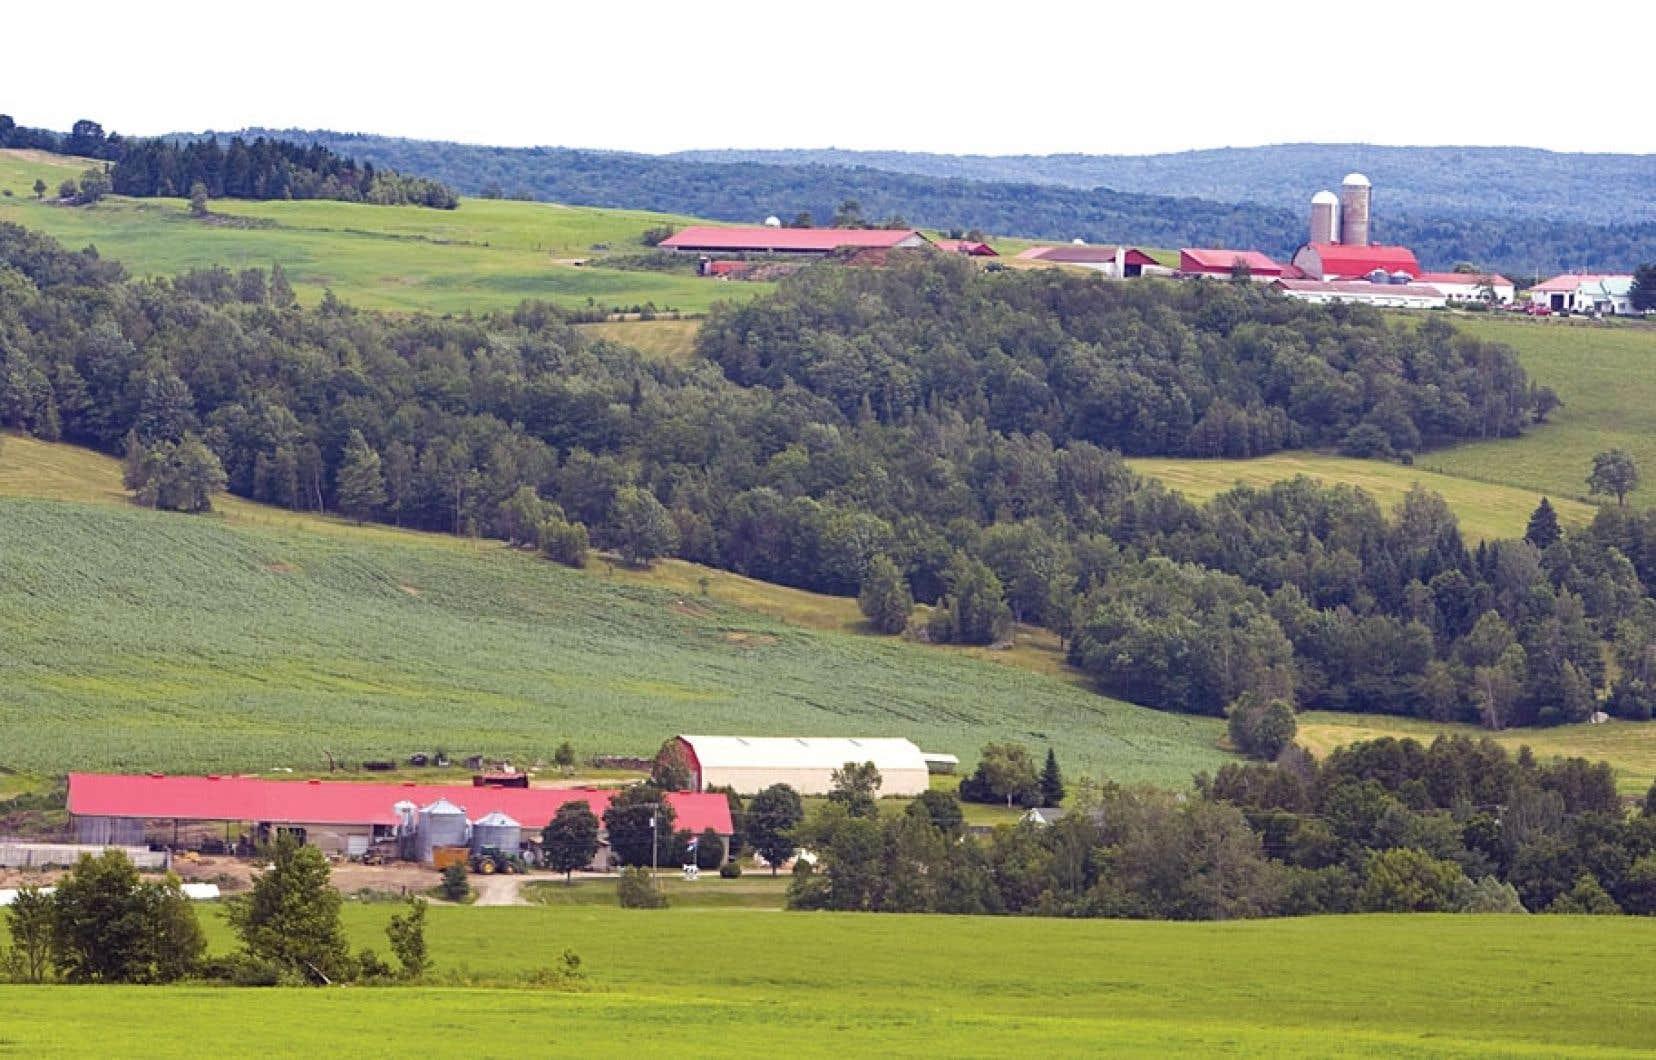 L'Union des producteurs agricolesinsiste sur la nécessité du gouvernement de « bouger dans le dossier » de l'accaparement des terres par les spéculateurs.